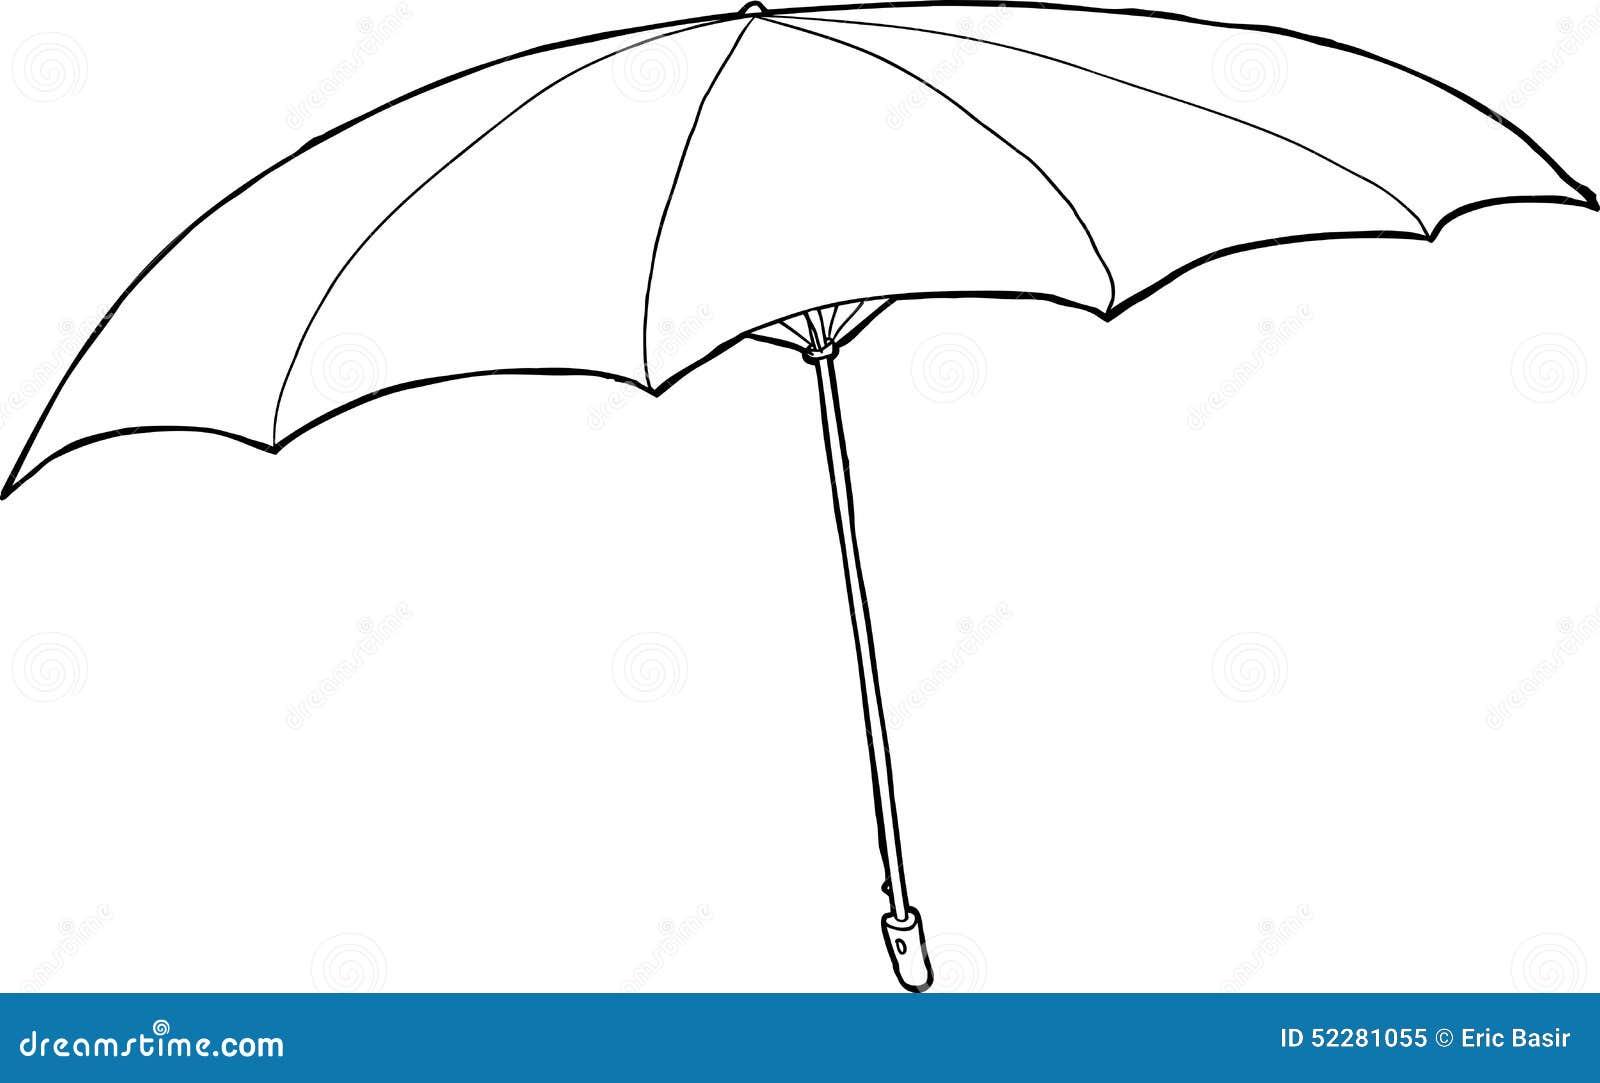 Erfreut Regenschirm Schablone Ideen - Bilder für das Lebenslauf ...